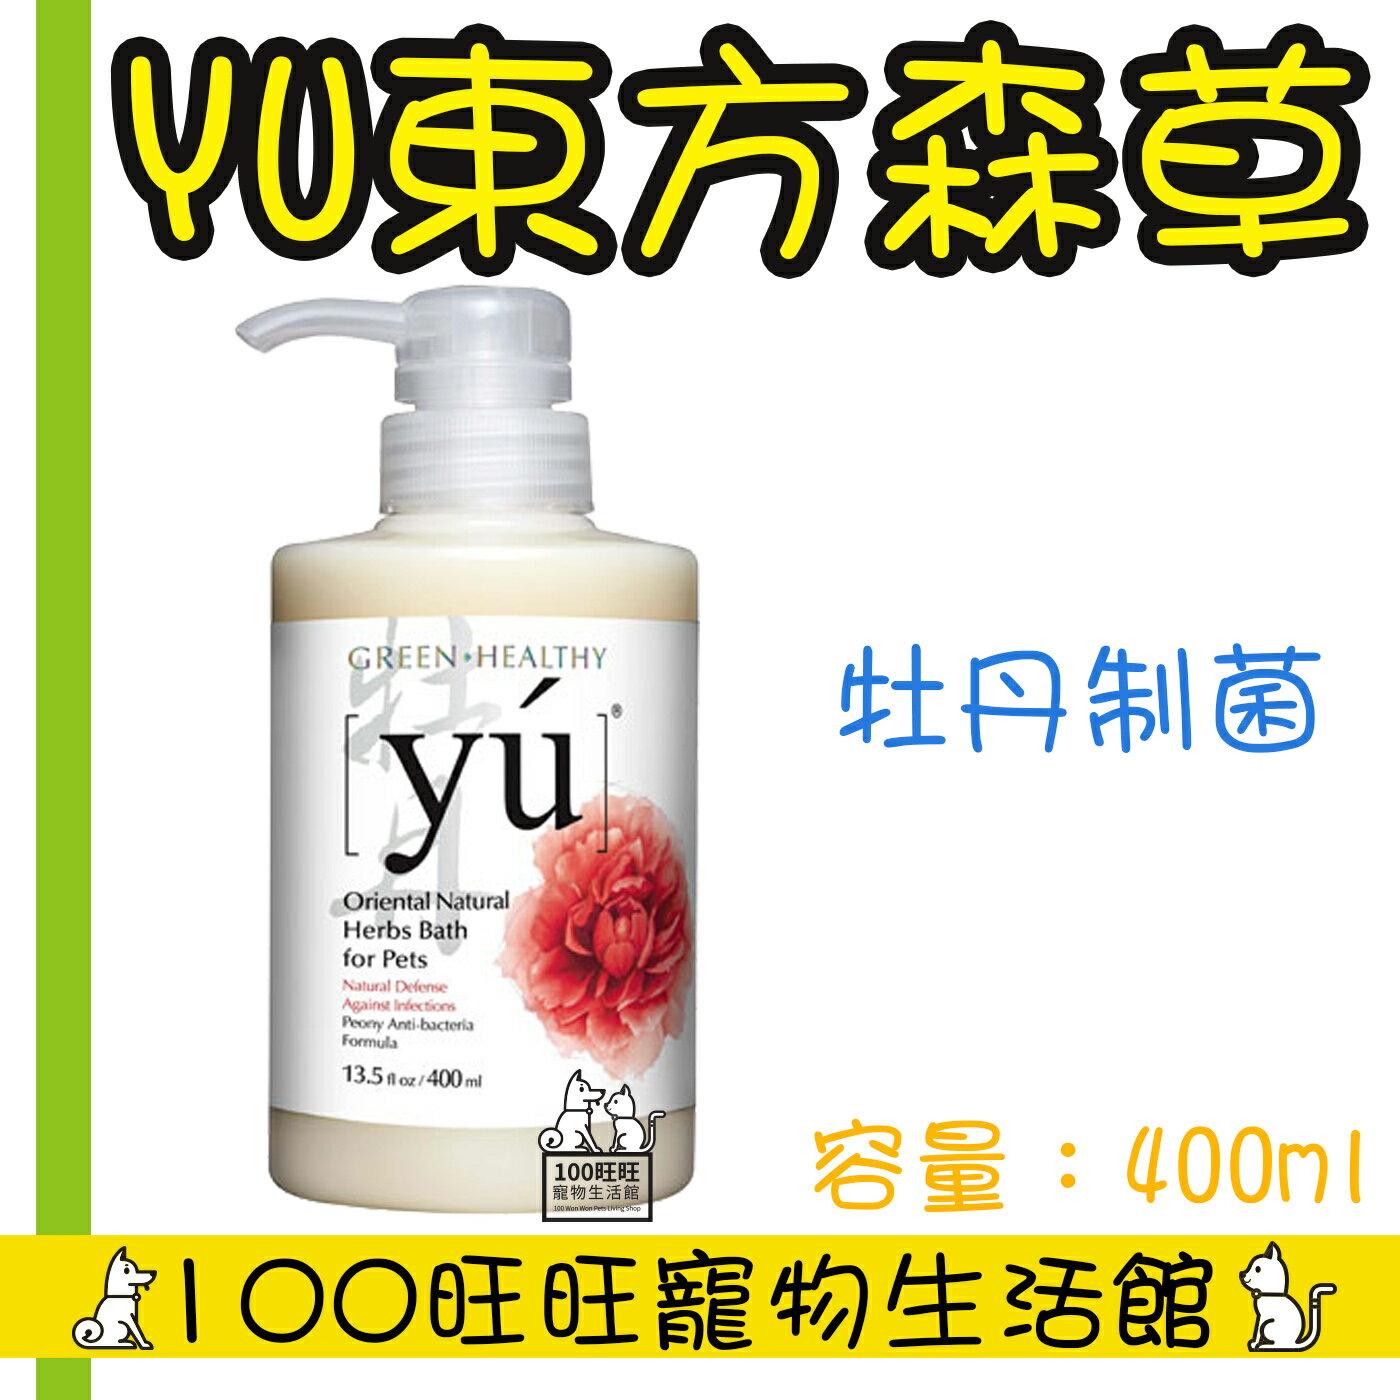 YU 東方森草寵物沐浴乳 含有機認證成分 牡丹制菌配方 400ml 寵物洗毛精